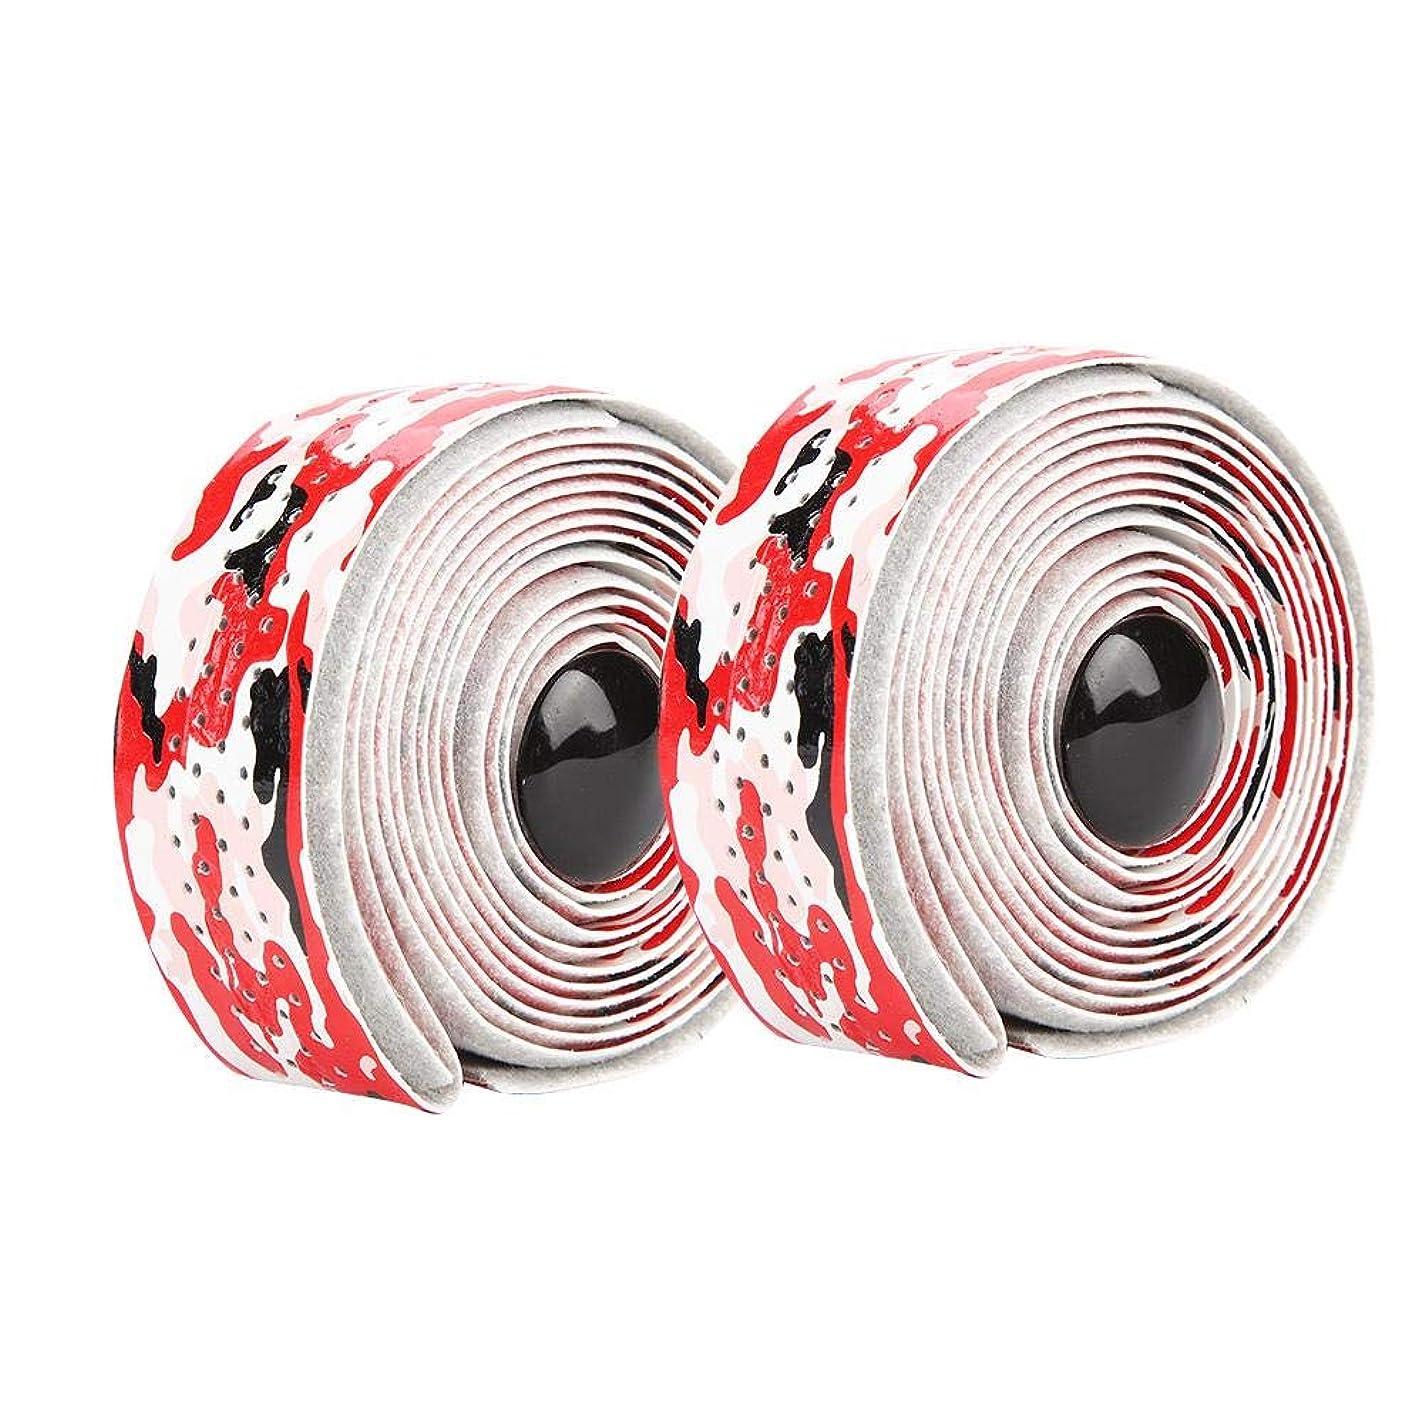 遊び場シティ暖炉自転車バーテープ ハンドルバーテープ ロッドバイク用バーテープ 通気 滑り止め 衝撃緩和 厚み2mm PU製 軽量 取り付けやすい